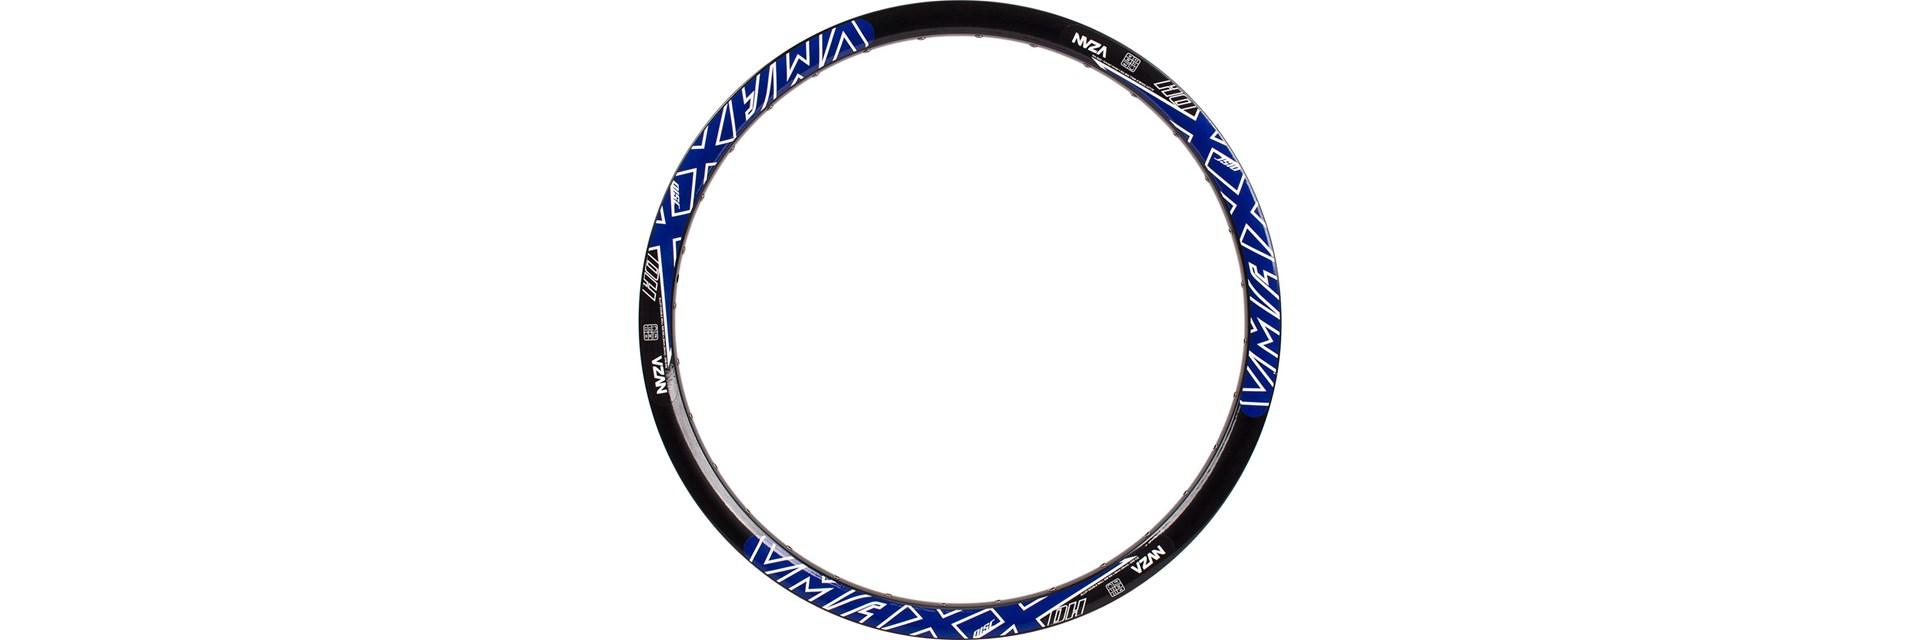 Adesivo Vmaxx Lt 26 Disc Azul Verniz